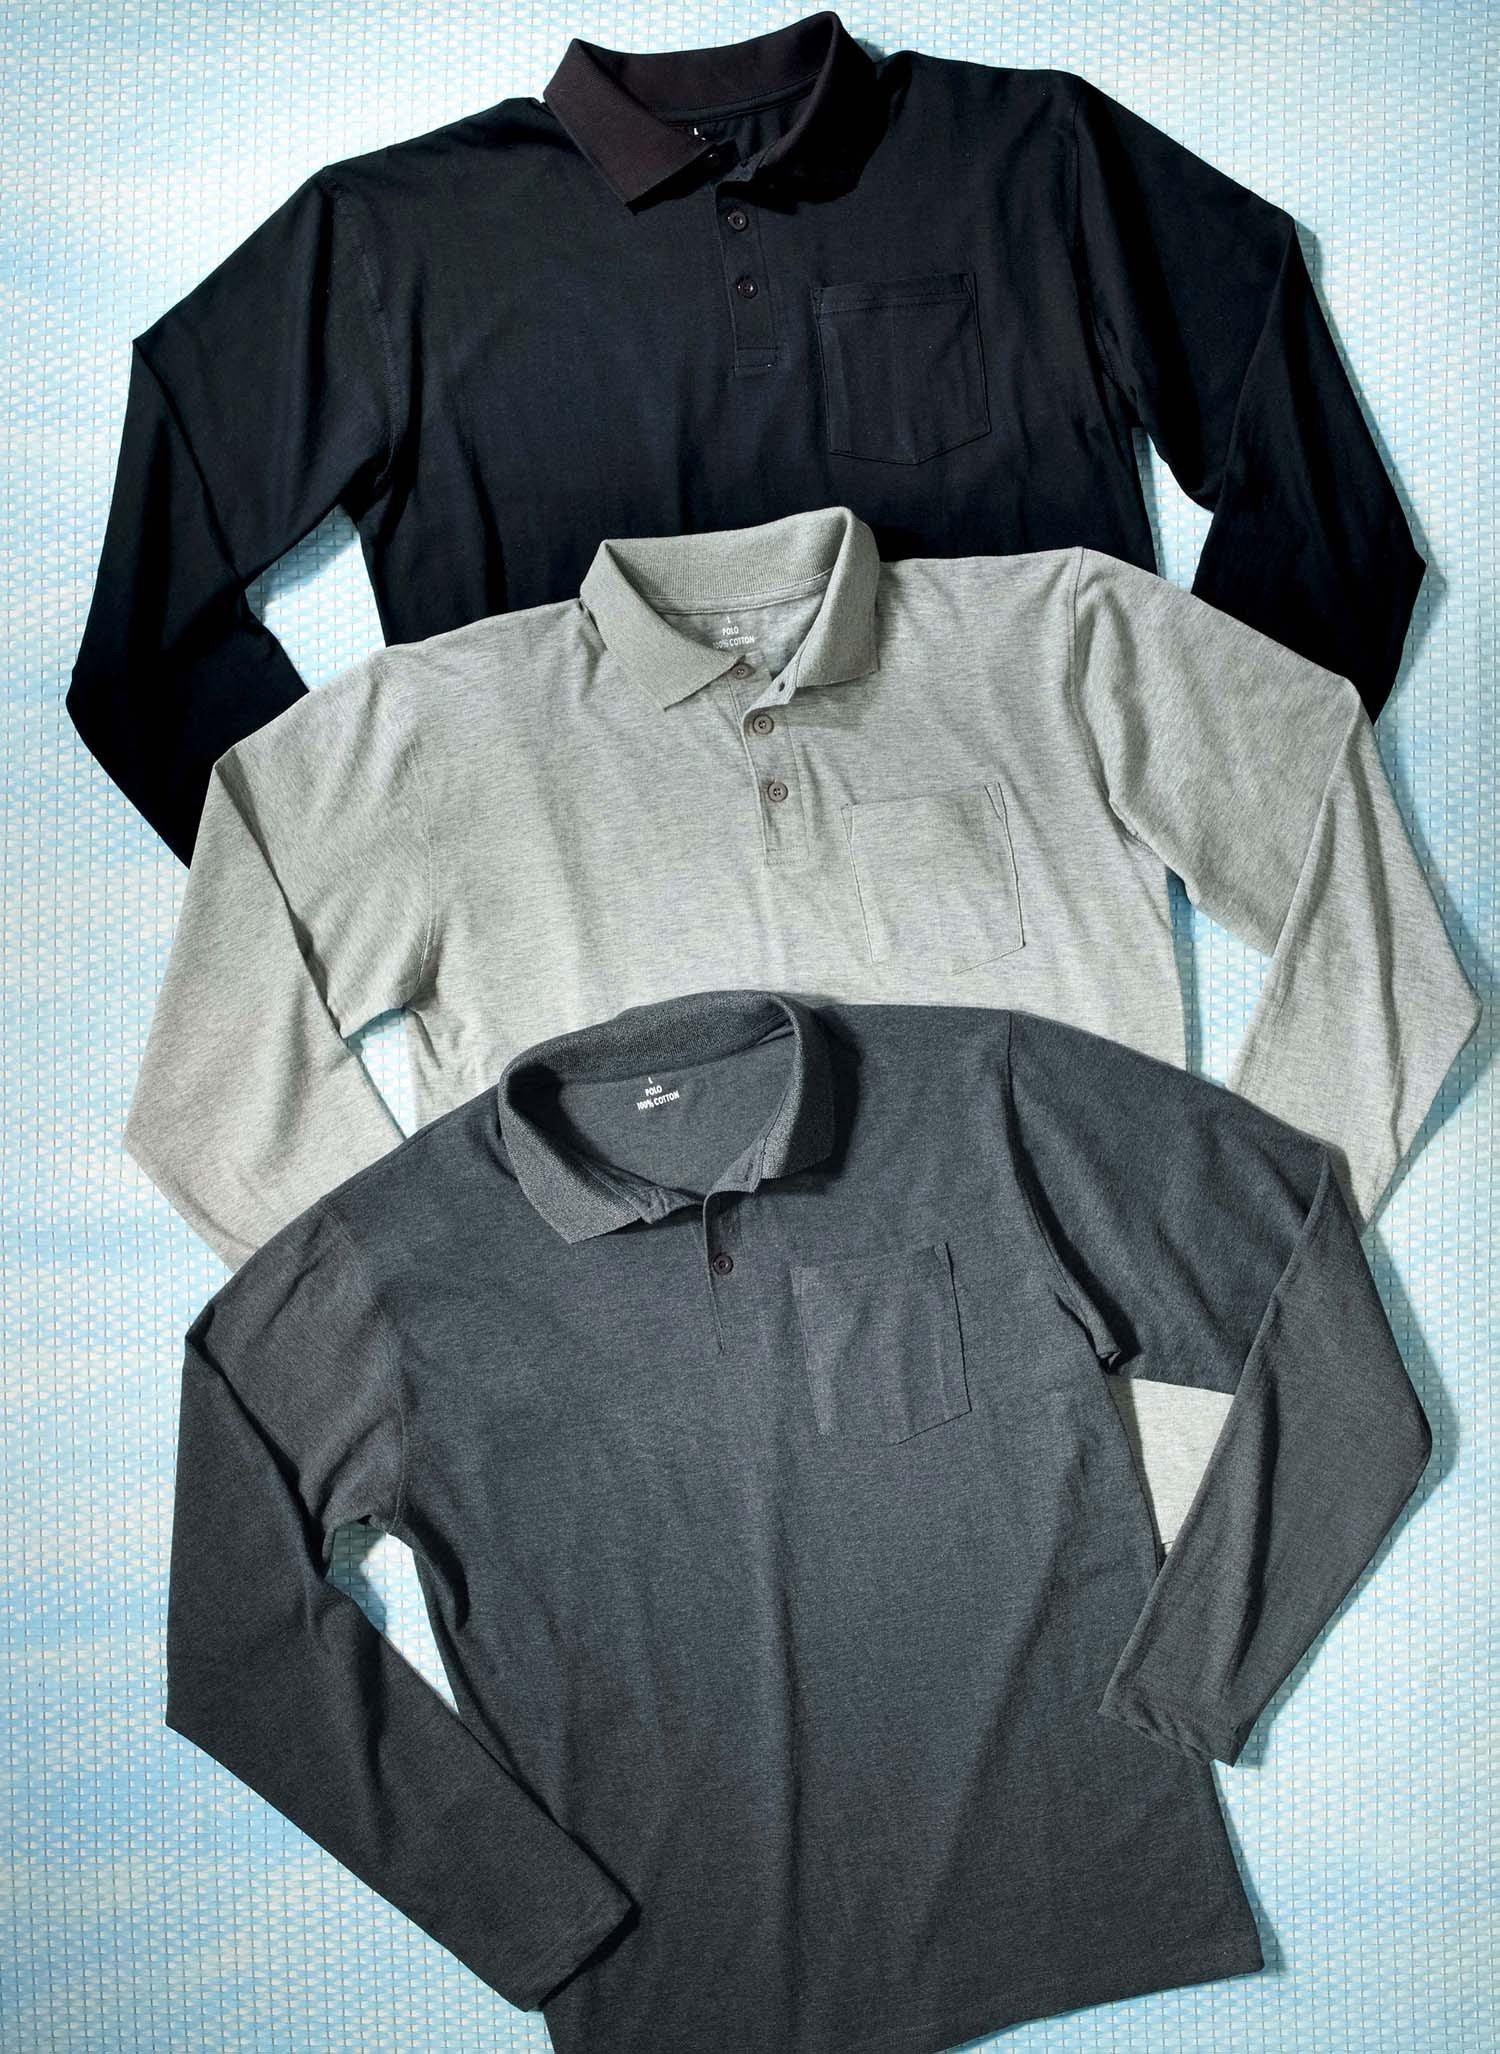 H-LA-Polo-Shirt schwarz L 010 - 2 - Ronja.ch